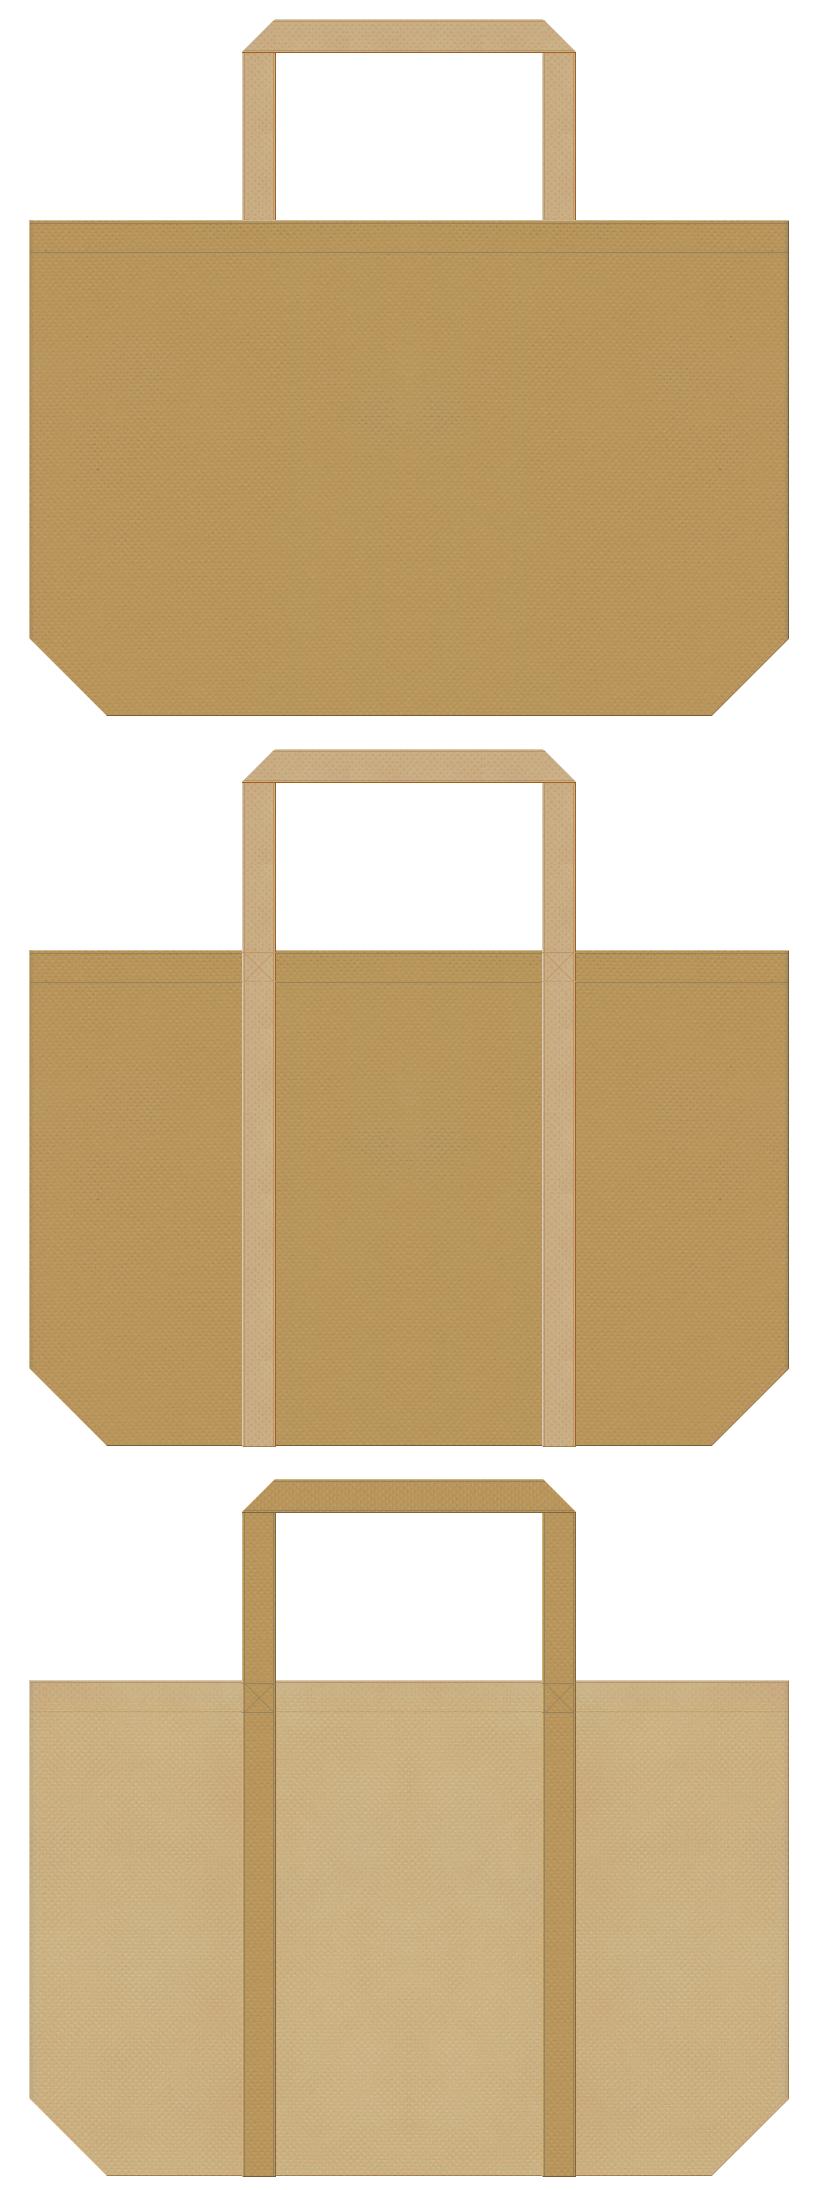 秋冬イベント・お灸・漢方薬・作業用品・日曜大工・工作教室・手芸教室・DIYのショッピングバッグにお奨めの不織布バッグデザイン:マスタード色とカーキ色のコーデ